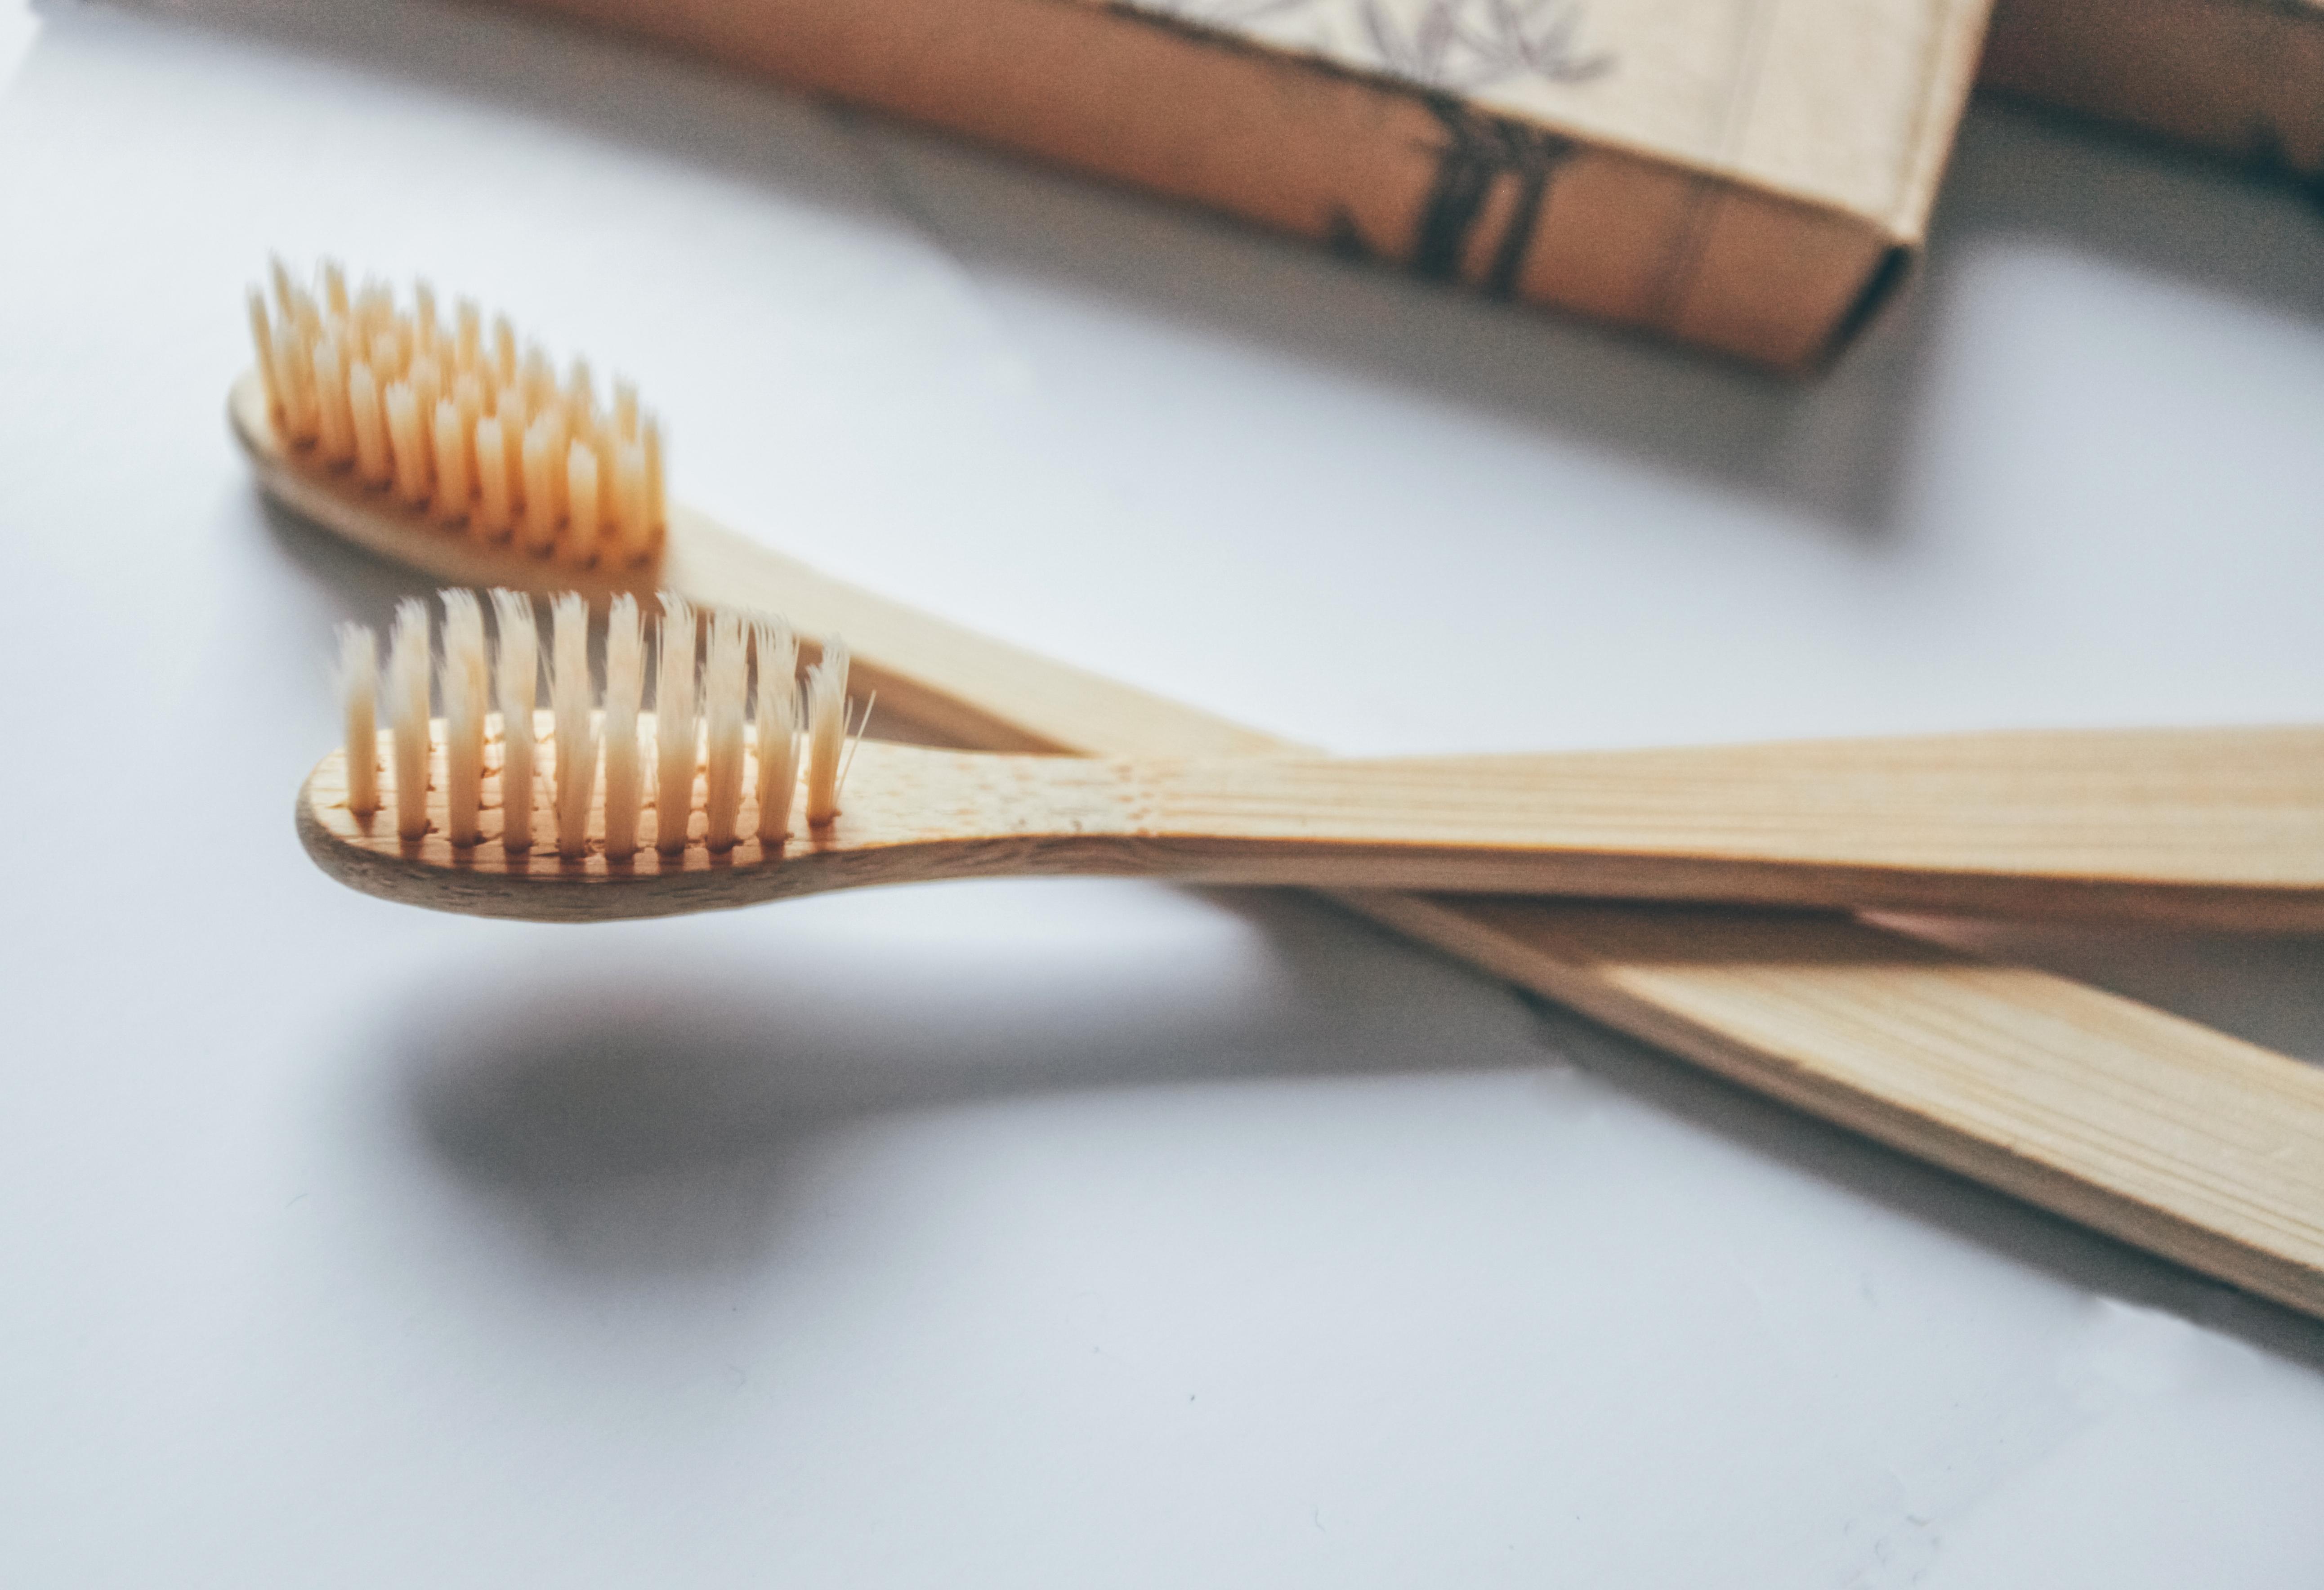 Formas de ser un turista responsable en el Sudeste Asiático: utiliza cepillos de dientes de bambú